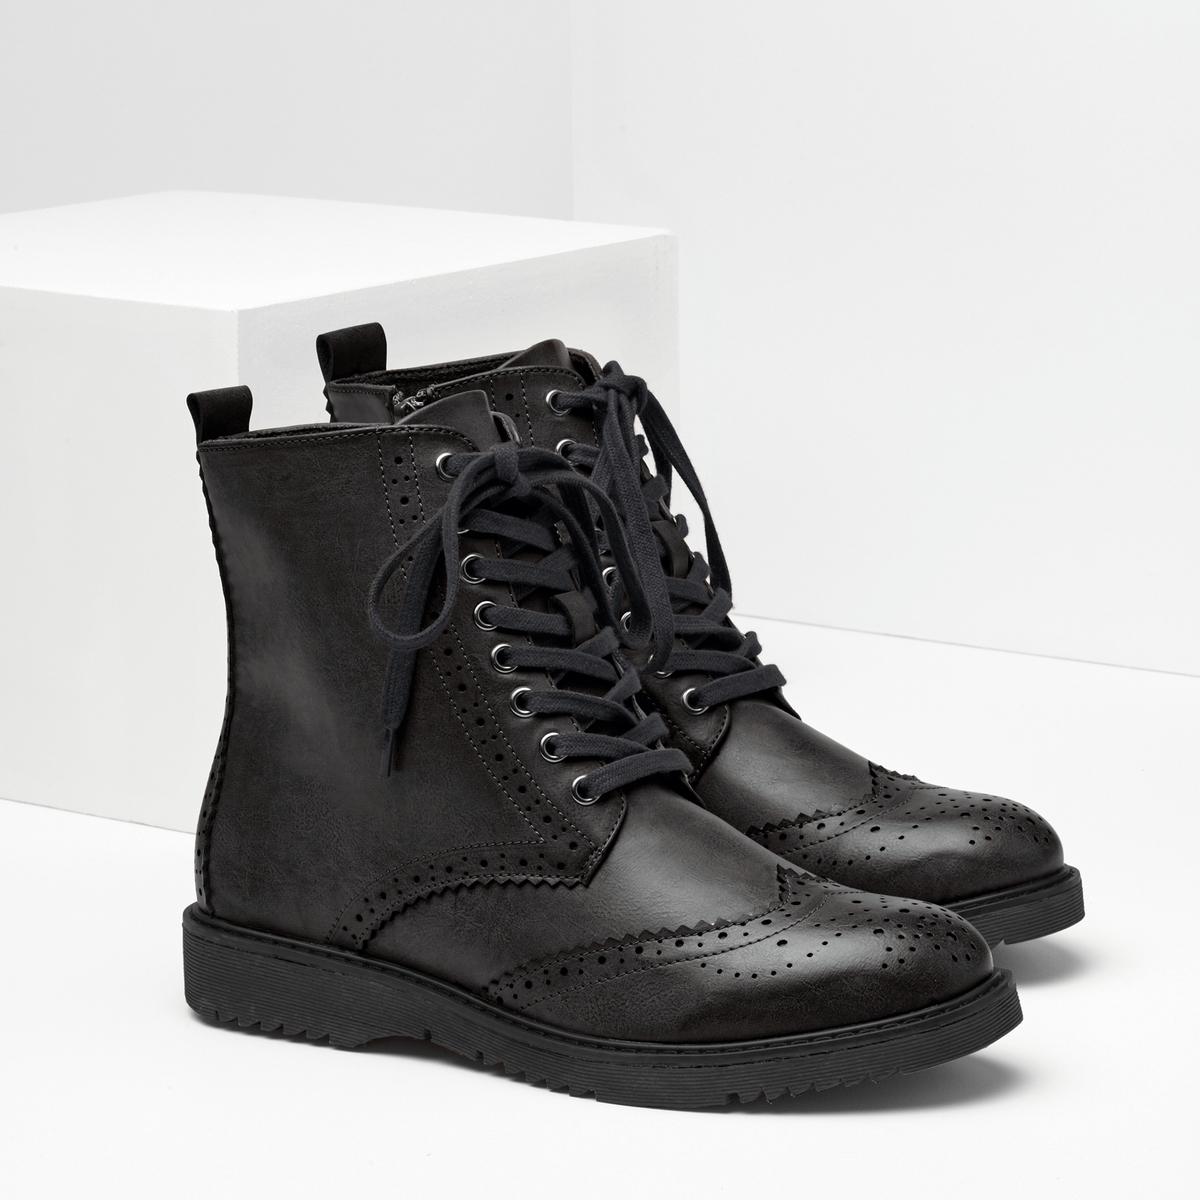 Ботинки синтетические ботинки синтетические